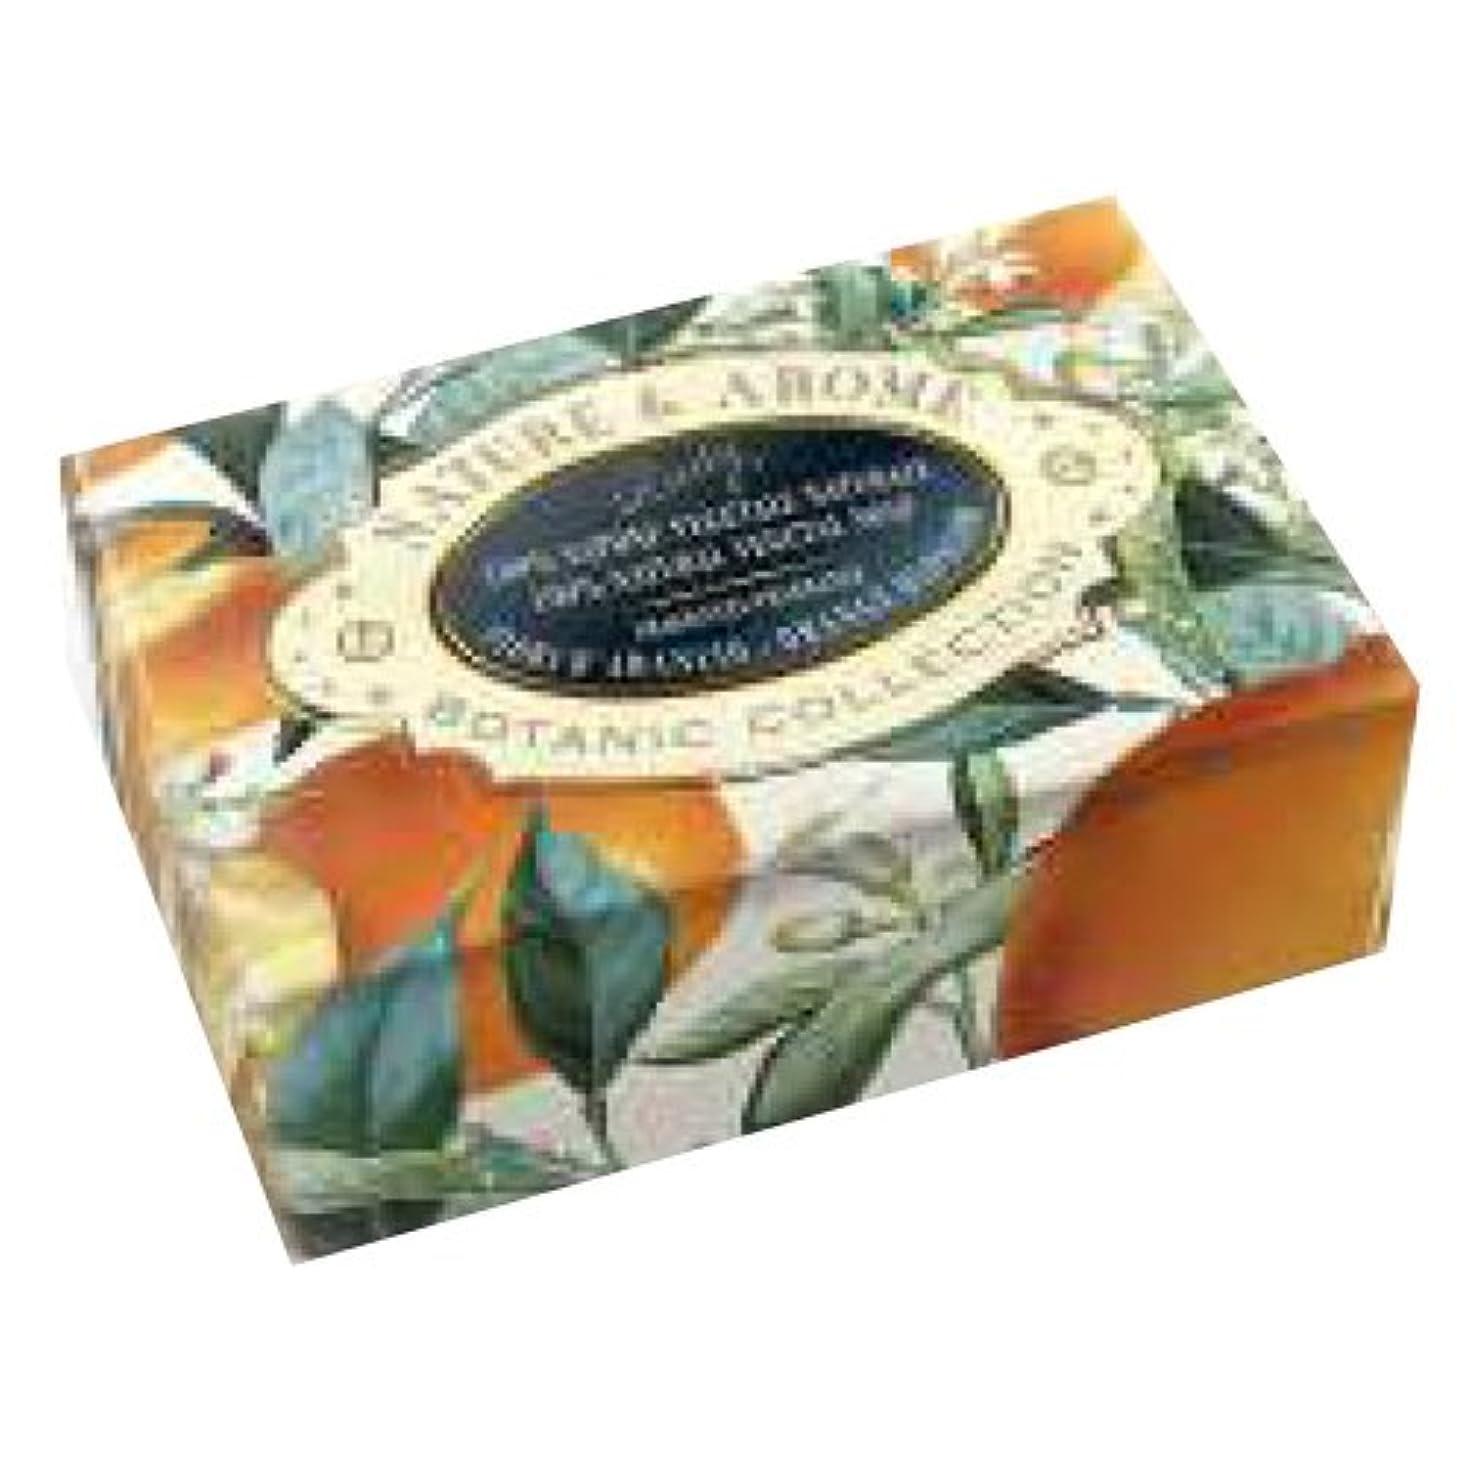 伝えるウィスキー思いやりのあるRUDY Nature&Arome SERIES ルディ ナチュール&アロマ Soap ソープ オレンジブロッサム